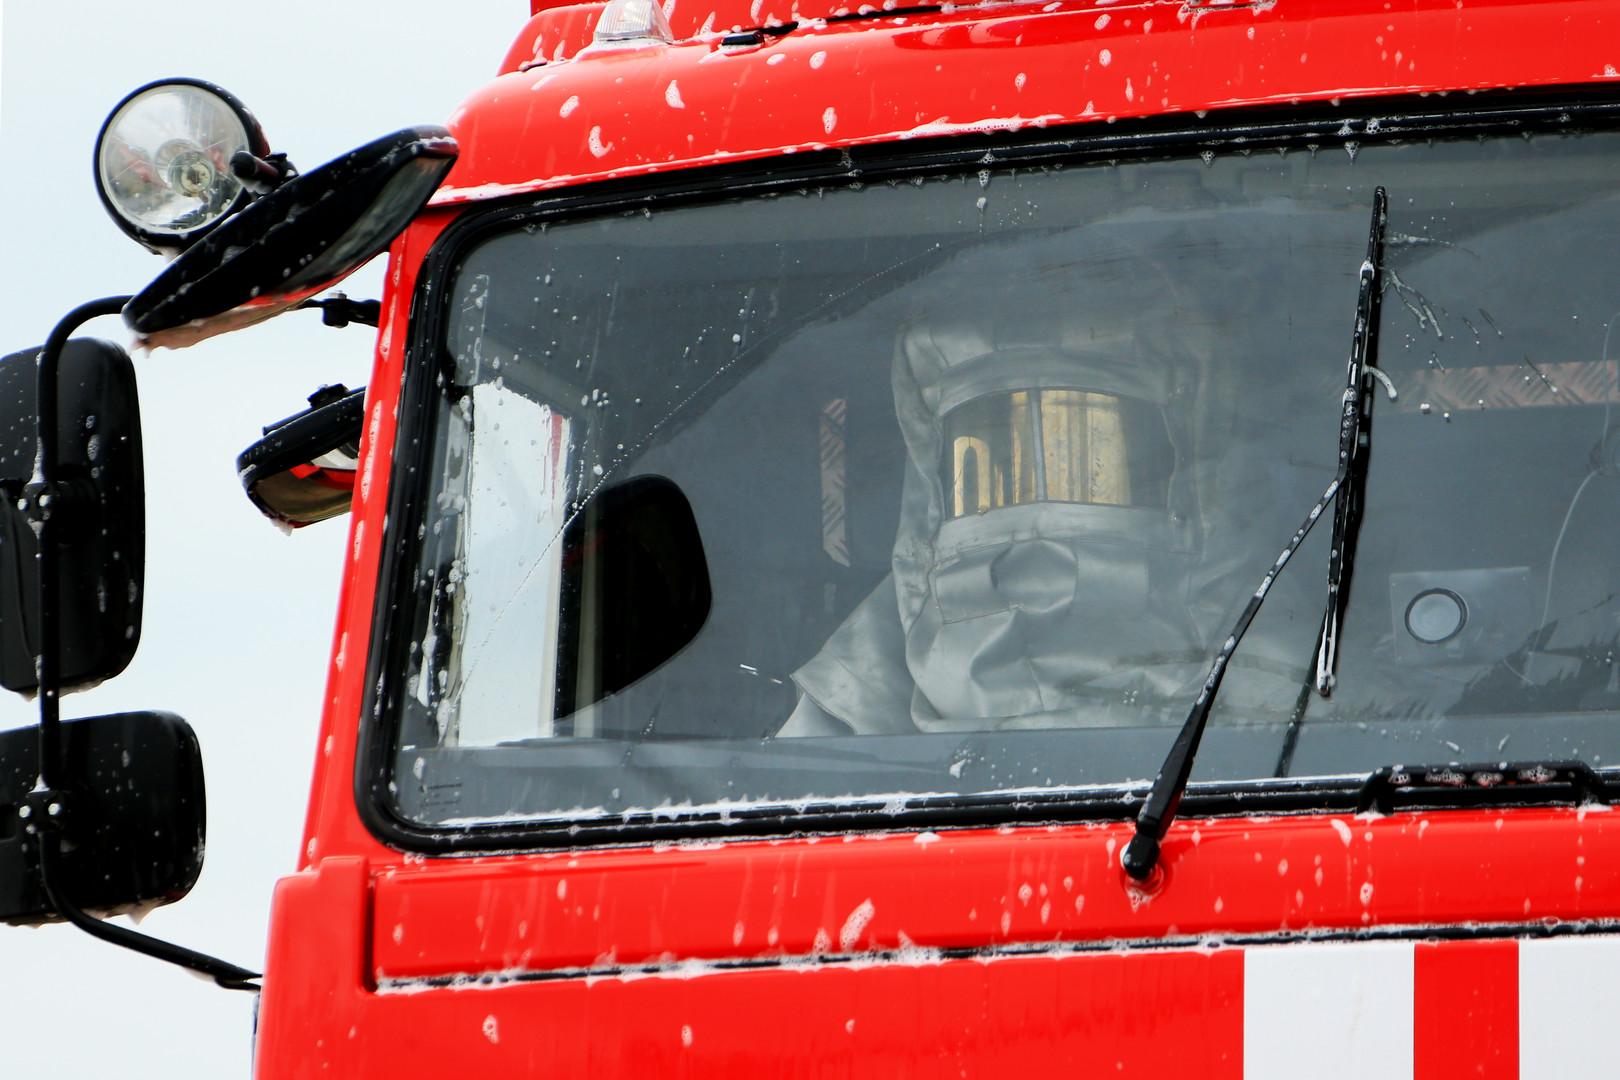 Сотрудник МЧС РФ в пожарной машине во время демонстрационных учений МЧС РФ в рамках открытия Международного салона «Комплексная безопасность-2016» в Ногинске.